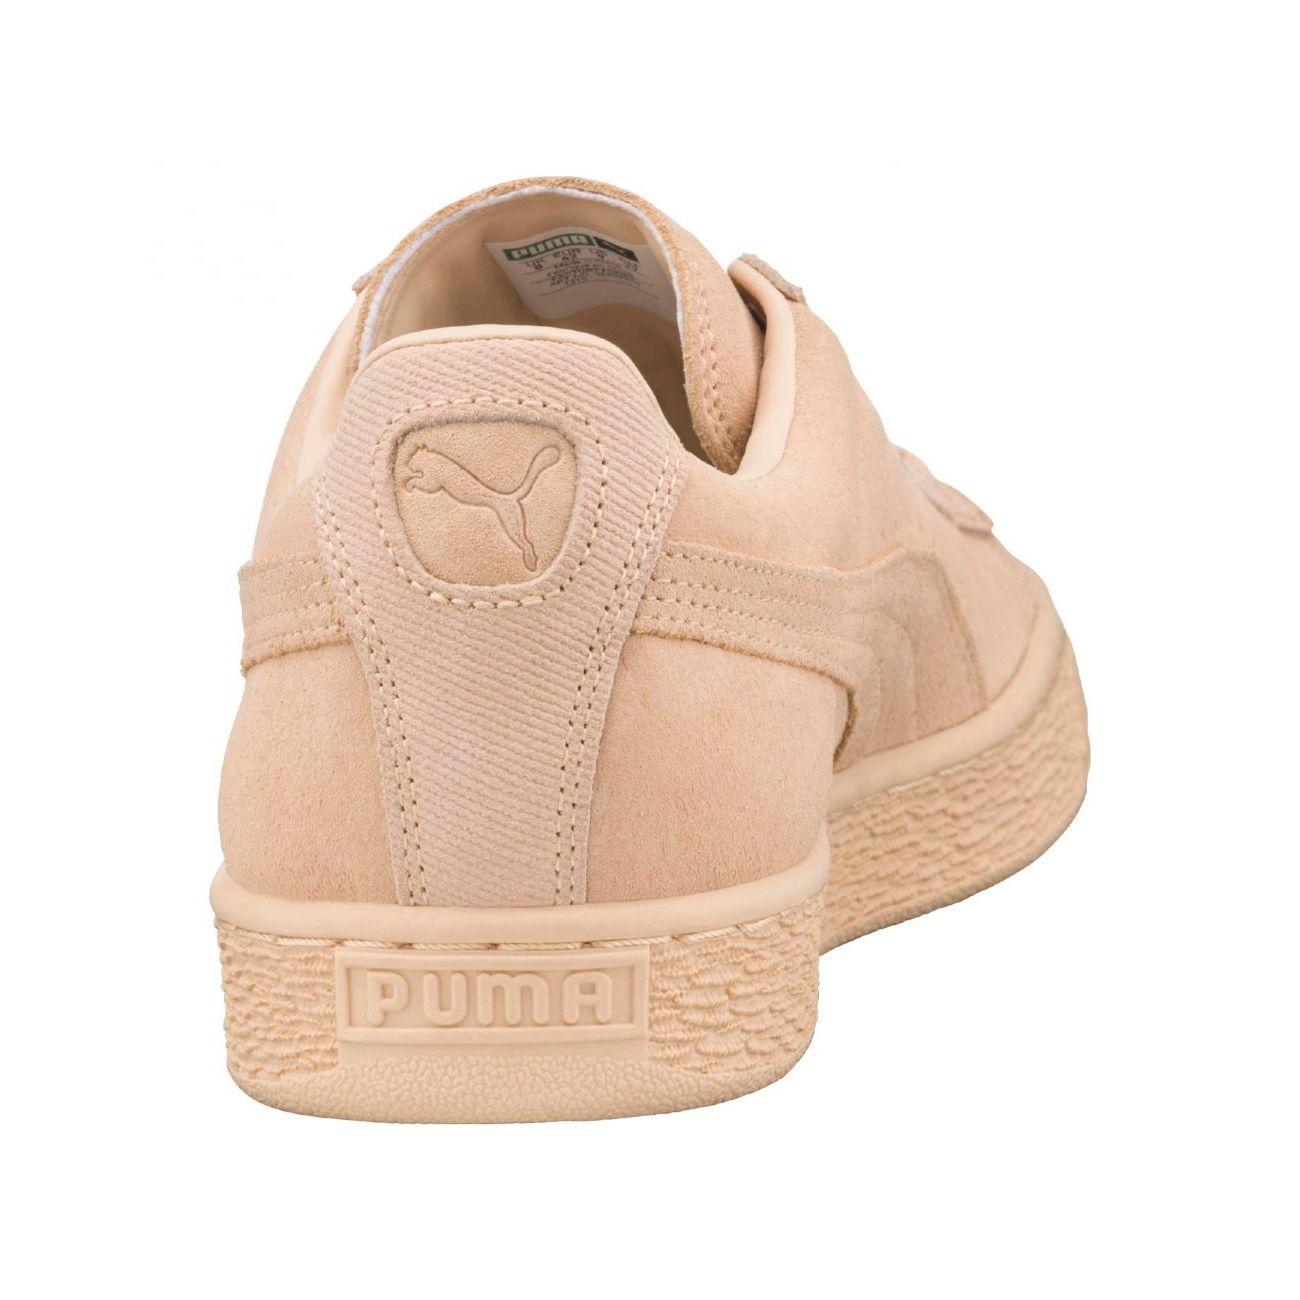 Mode Lifestyle femme PUMA Puma Suede Classic Tonal 362595 02 F Baskets Jaune